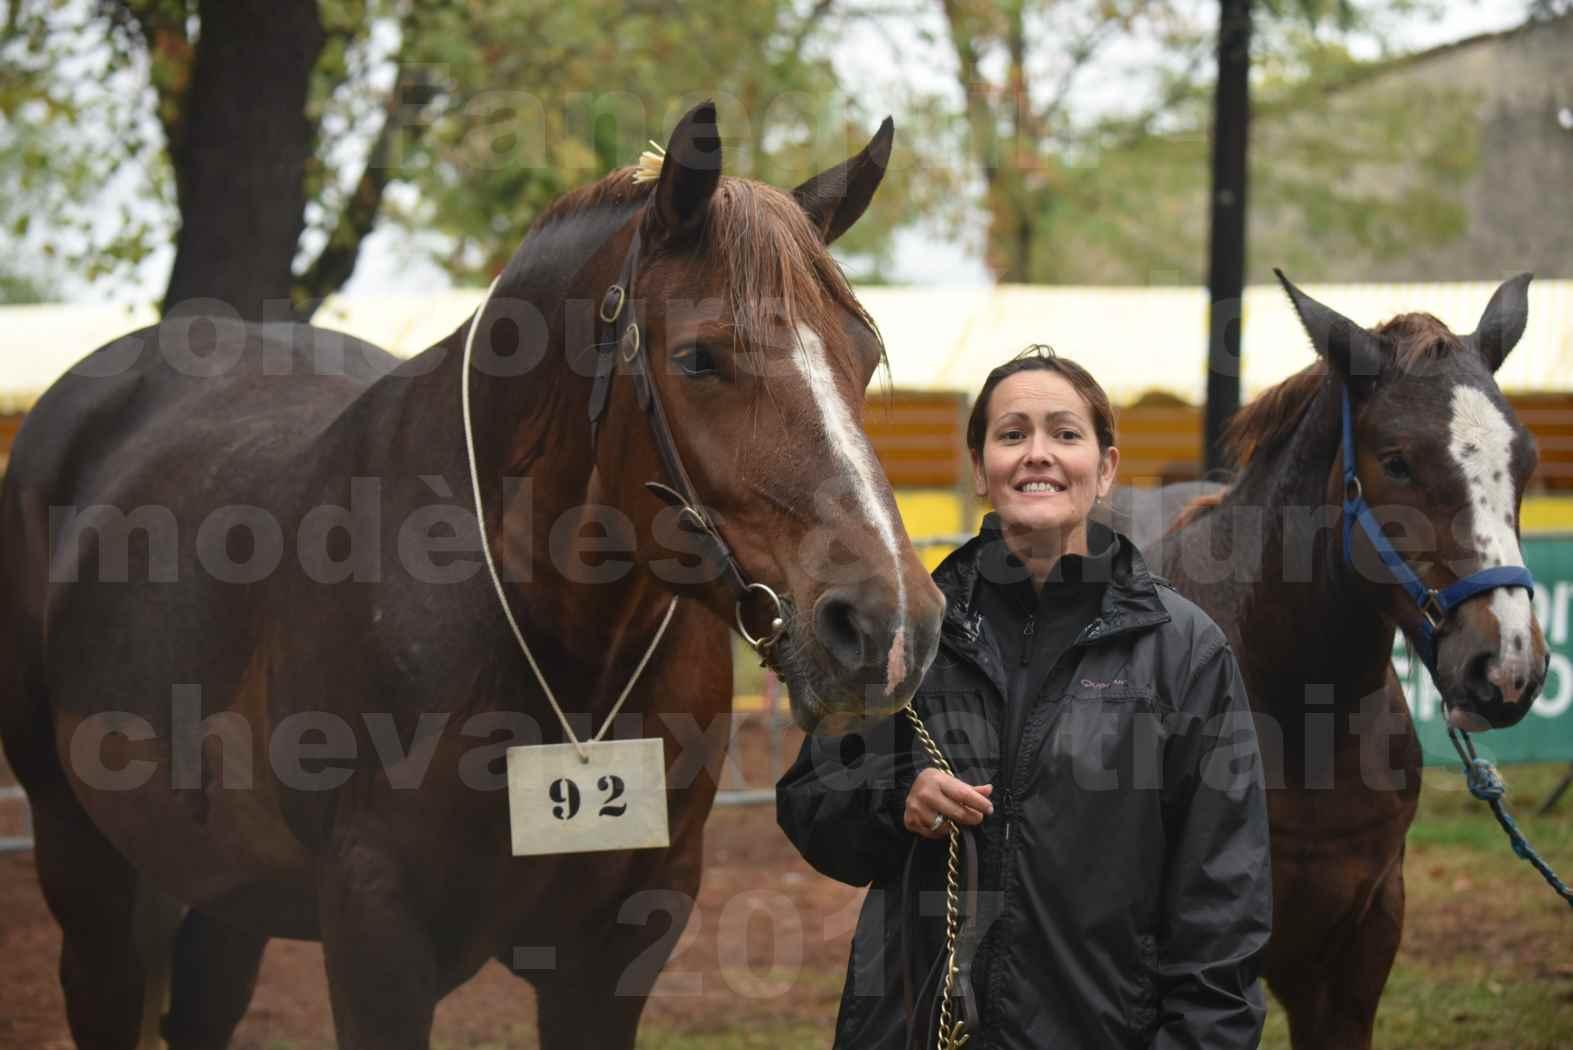 Concours Régional de chevaux de traits en 2017 - Jument Suitée - Trait BRETON - URIELLE DE LA MARGUE - 38